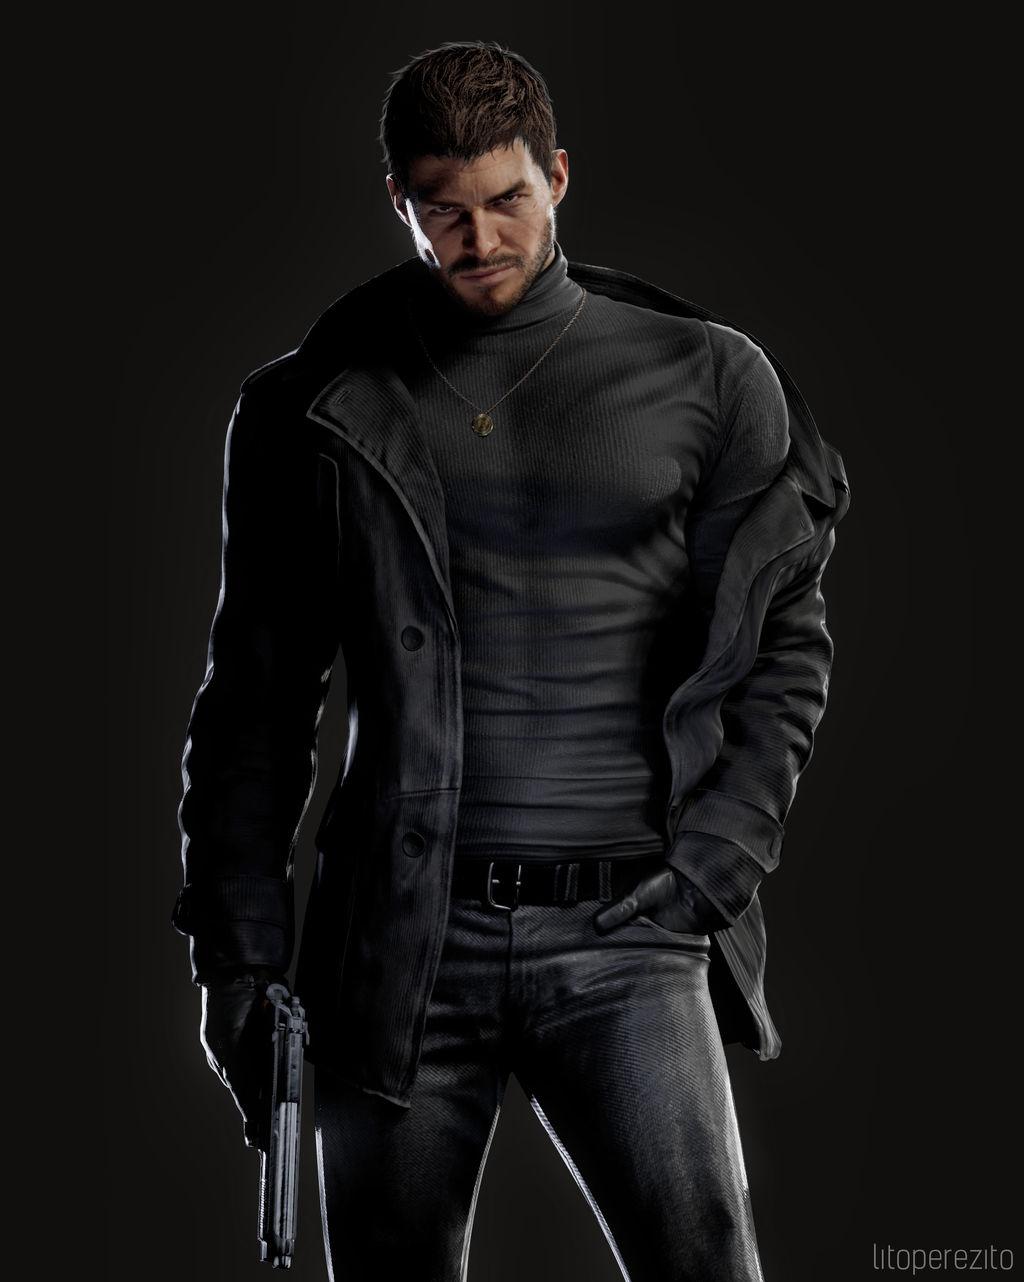 Resident Evil 8 Chris 1 By Litoperezito On Deviantart